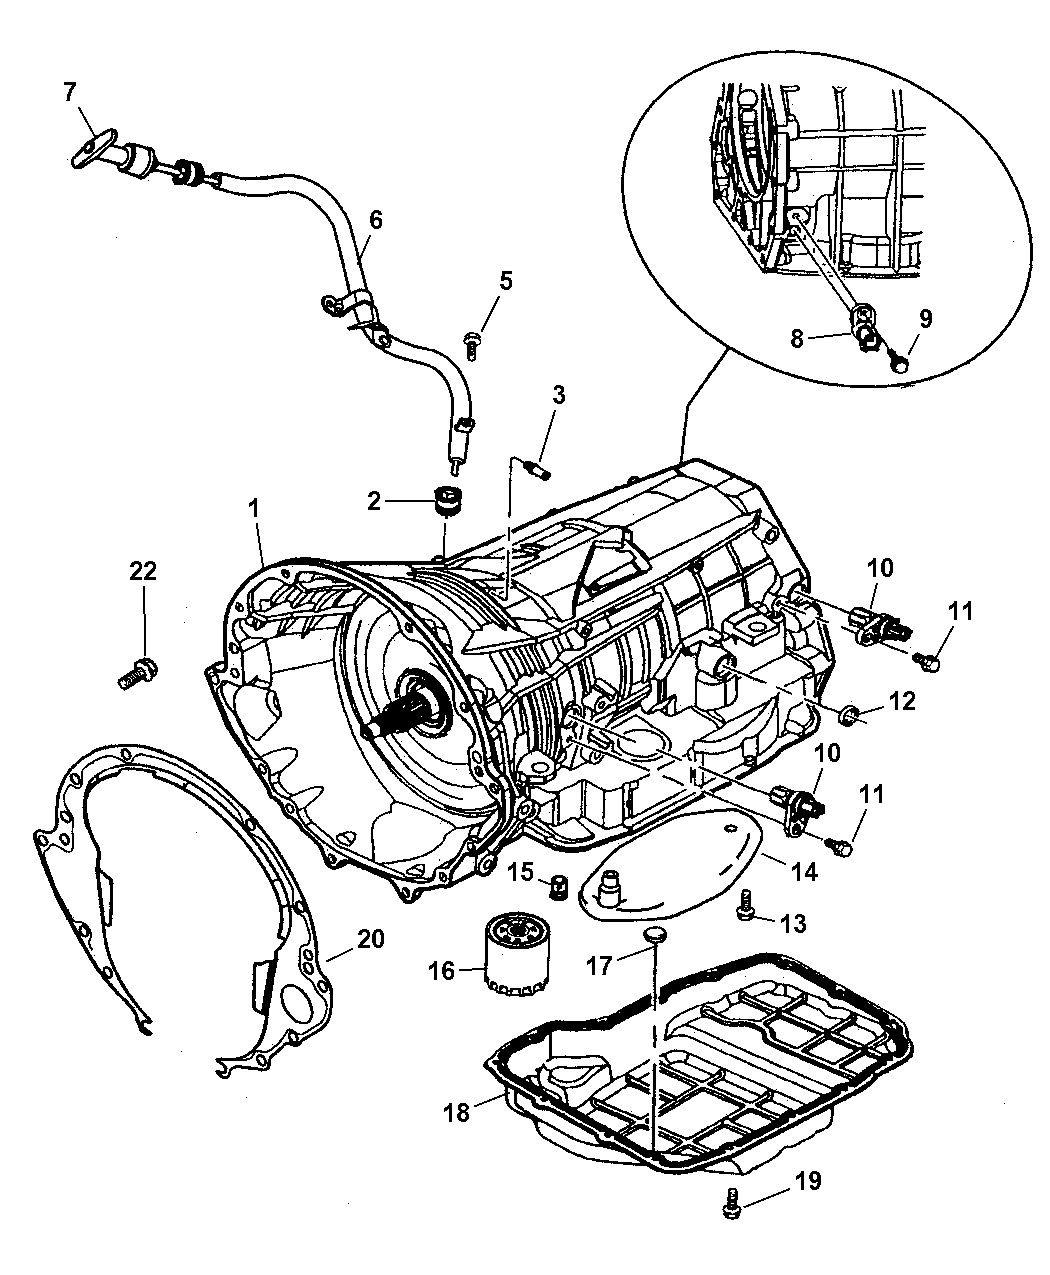 Genuine Mopar TUBE-TRANSMISSION OIL FILLER